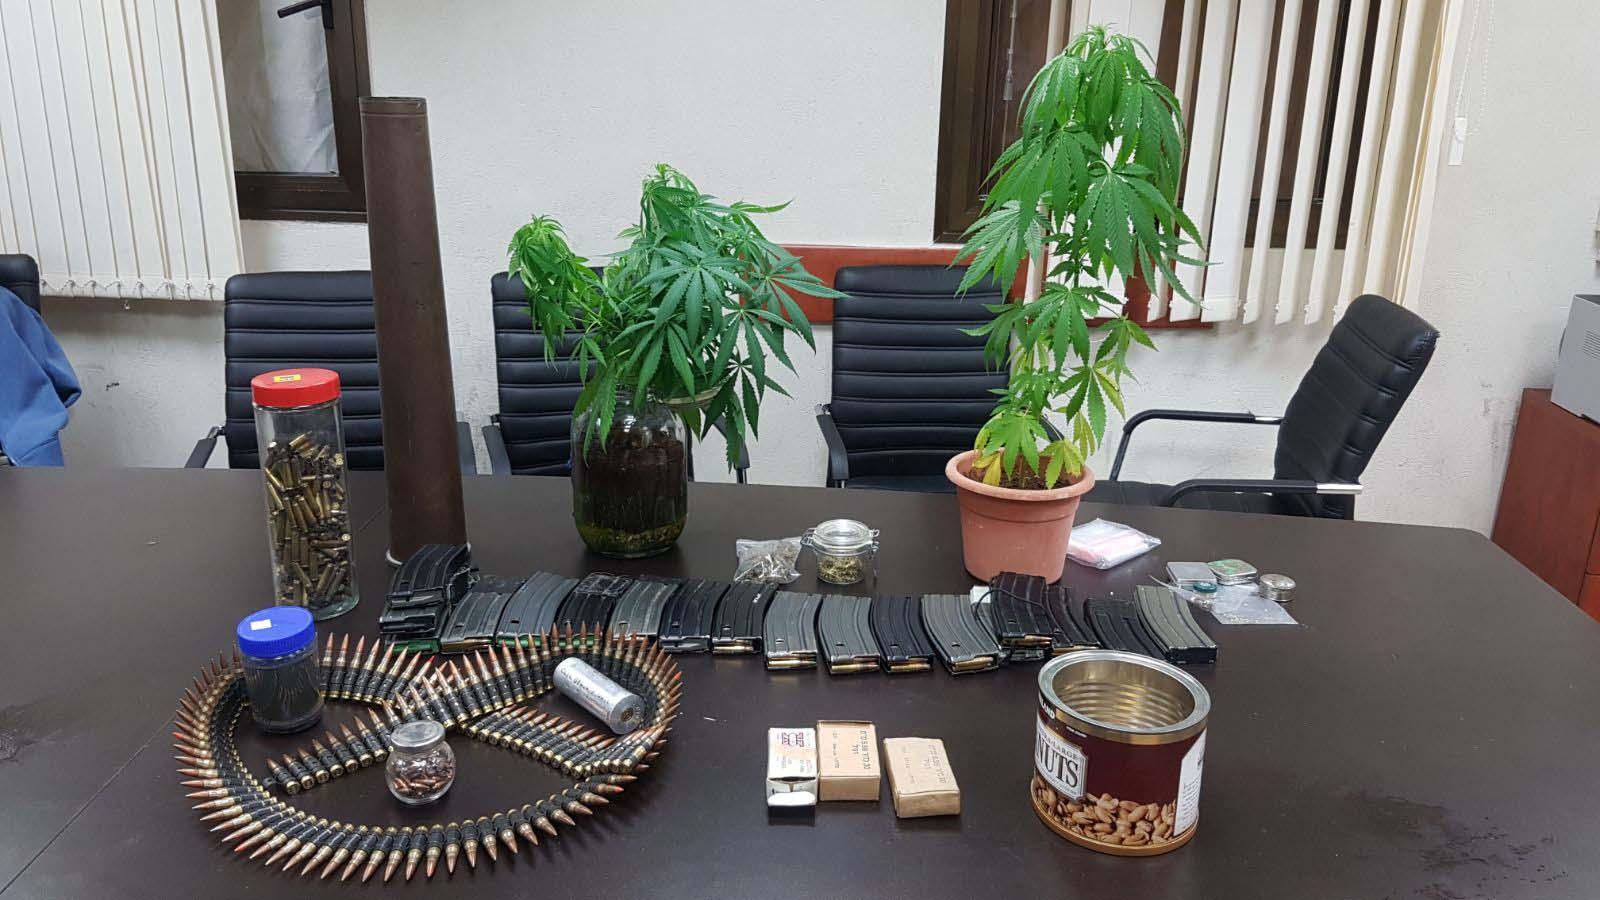 התחמושת והסמים שנמצאו (צילום: דוברות המשטרה)